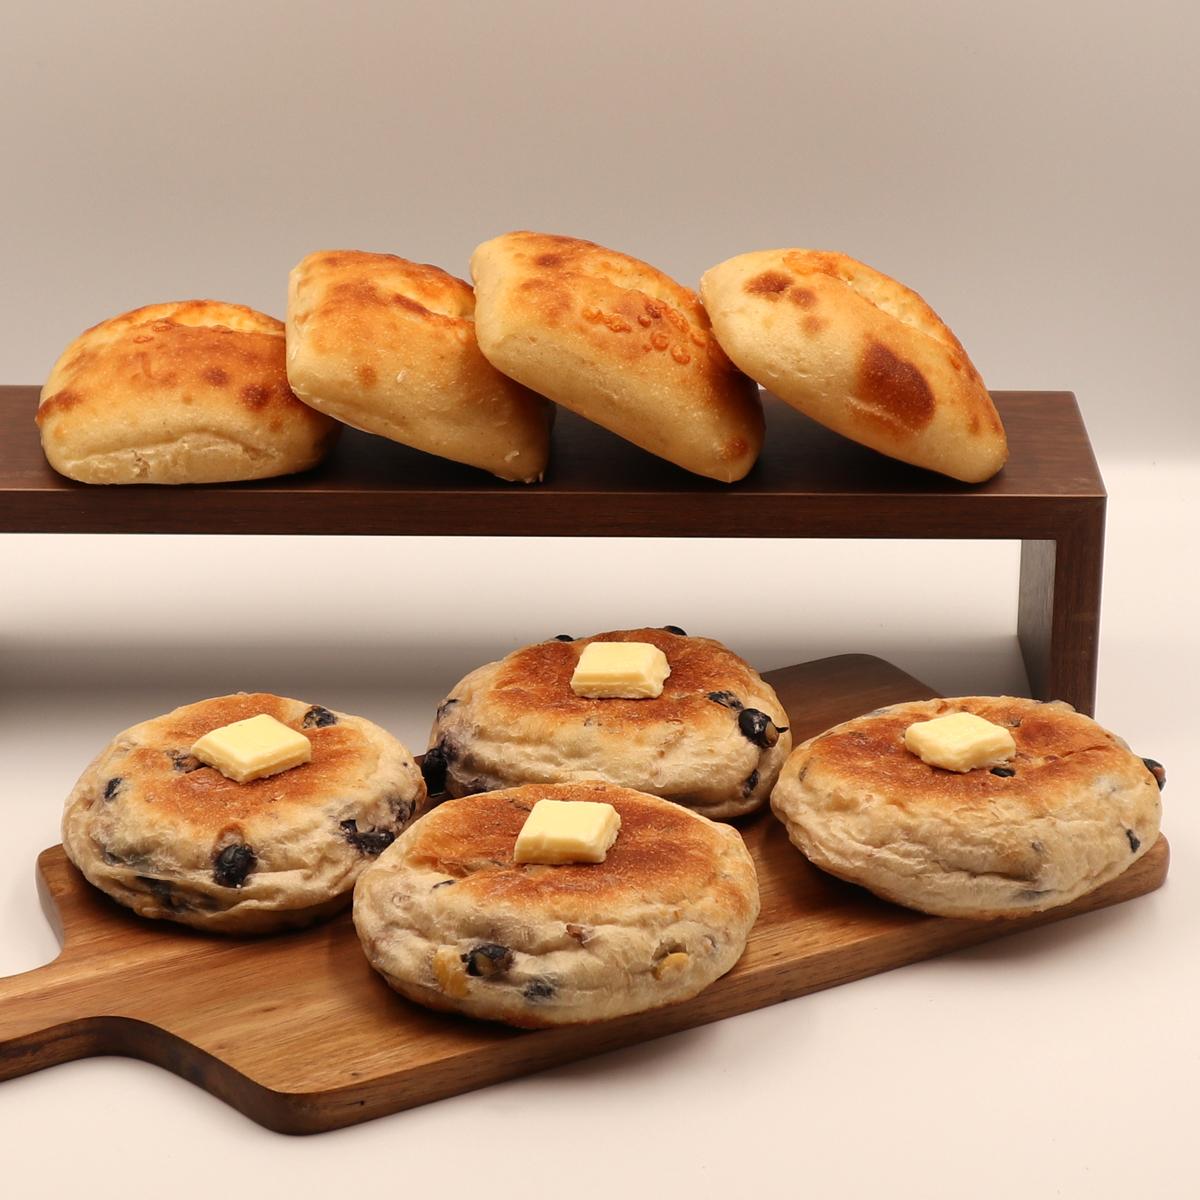 【NEW】十勝チーズパンととやま農場の黒豆塩バターパンセット